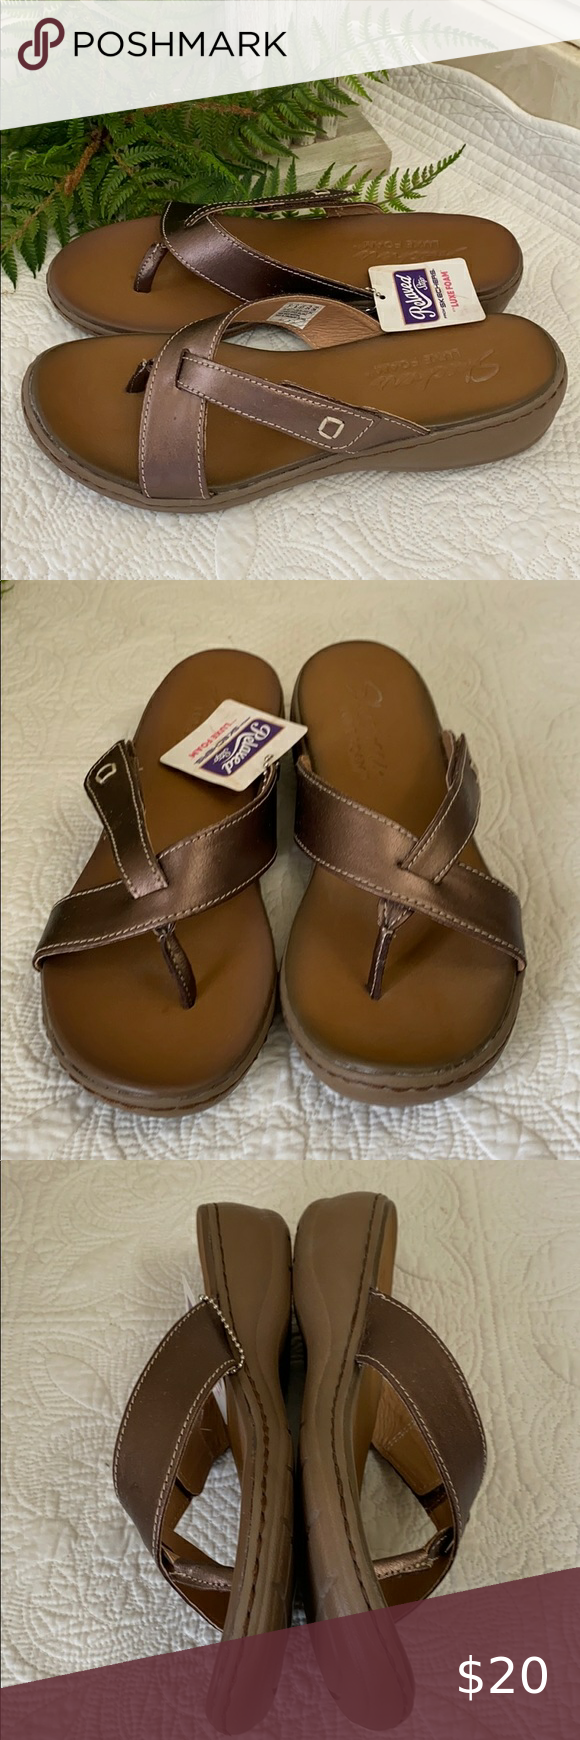 Bronze sandals, Skechers